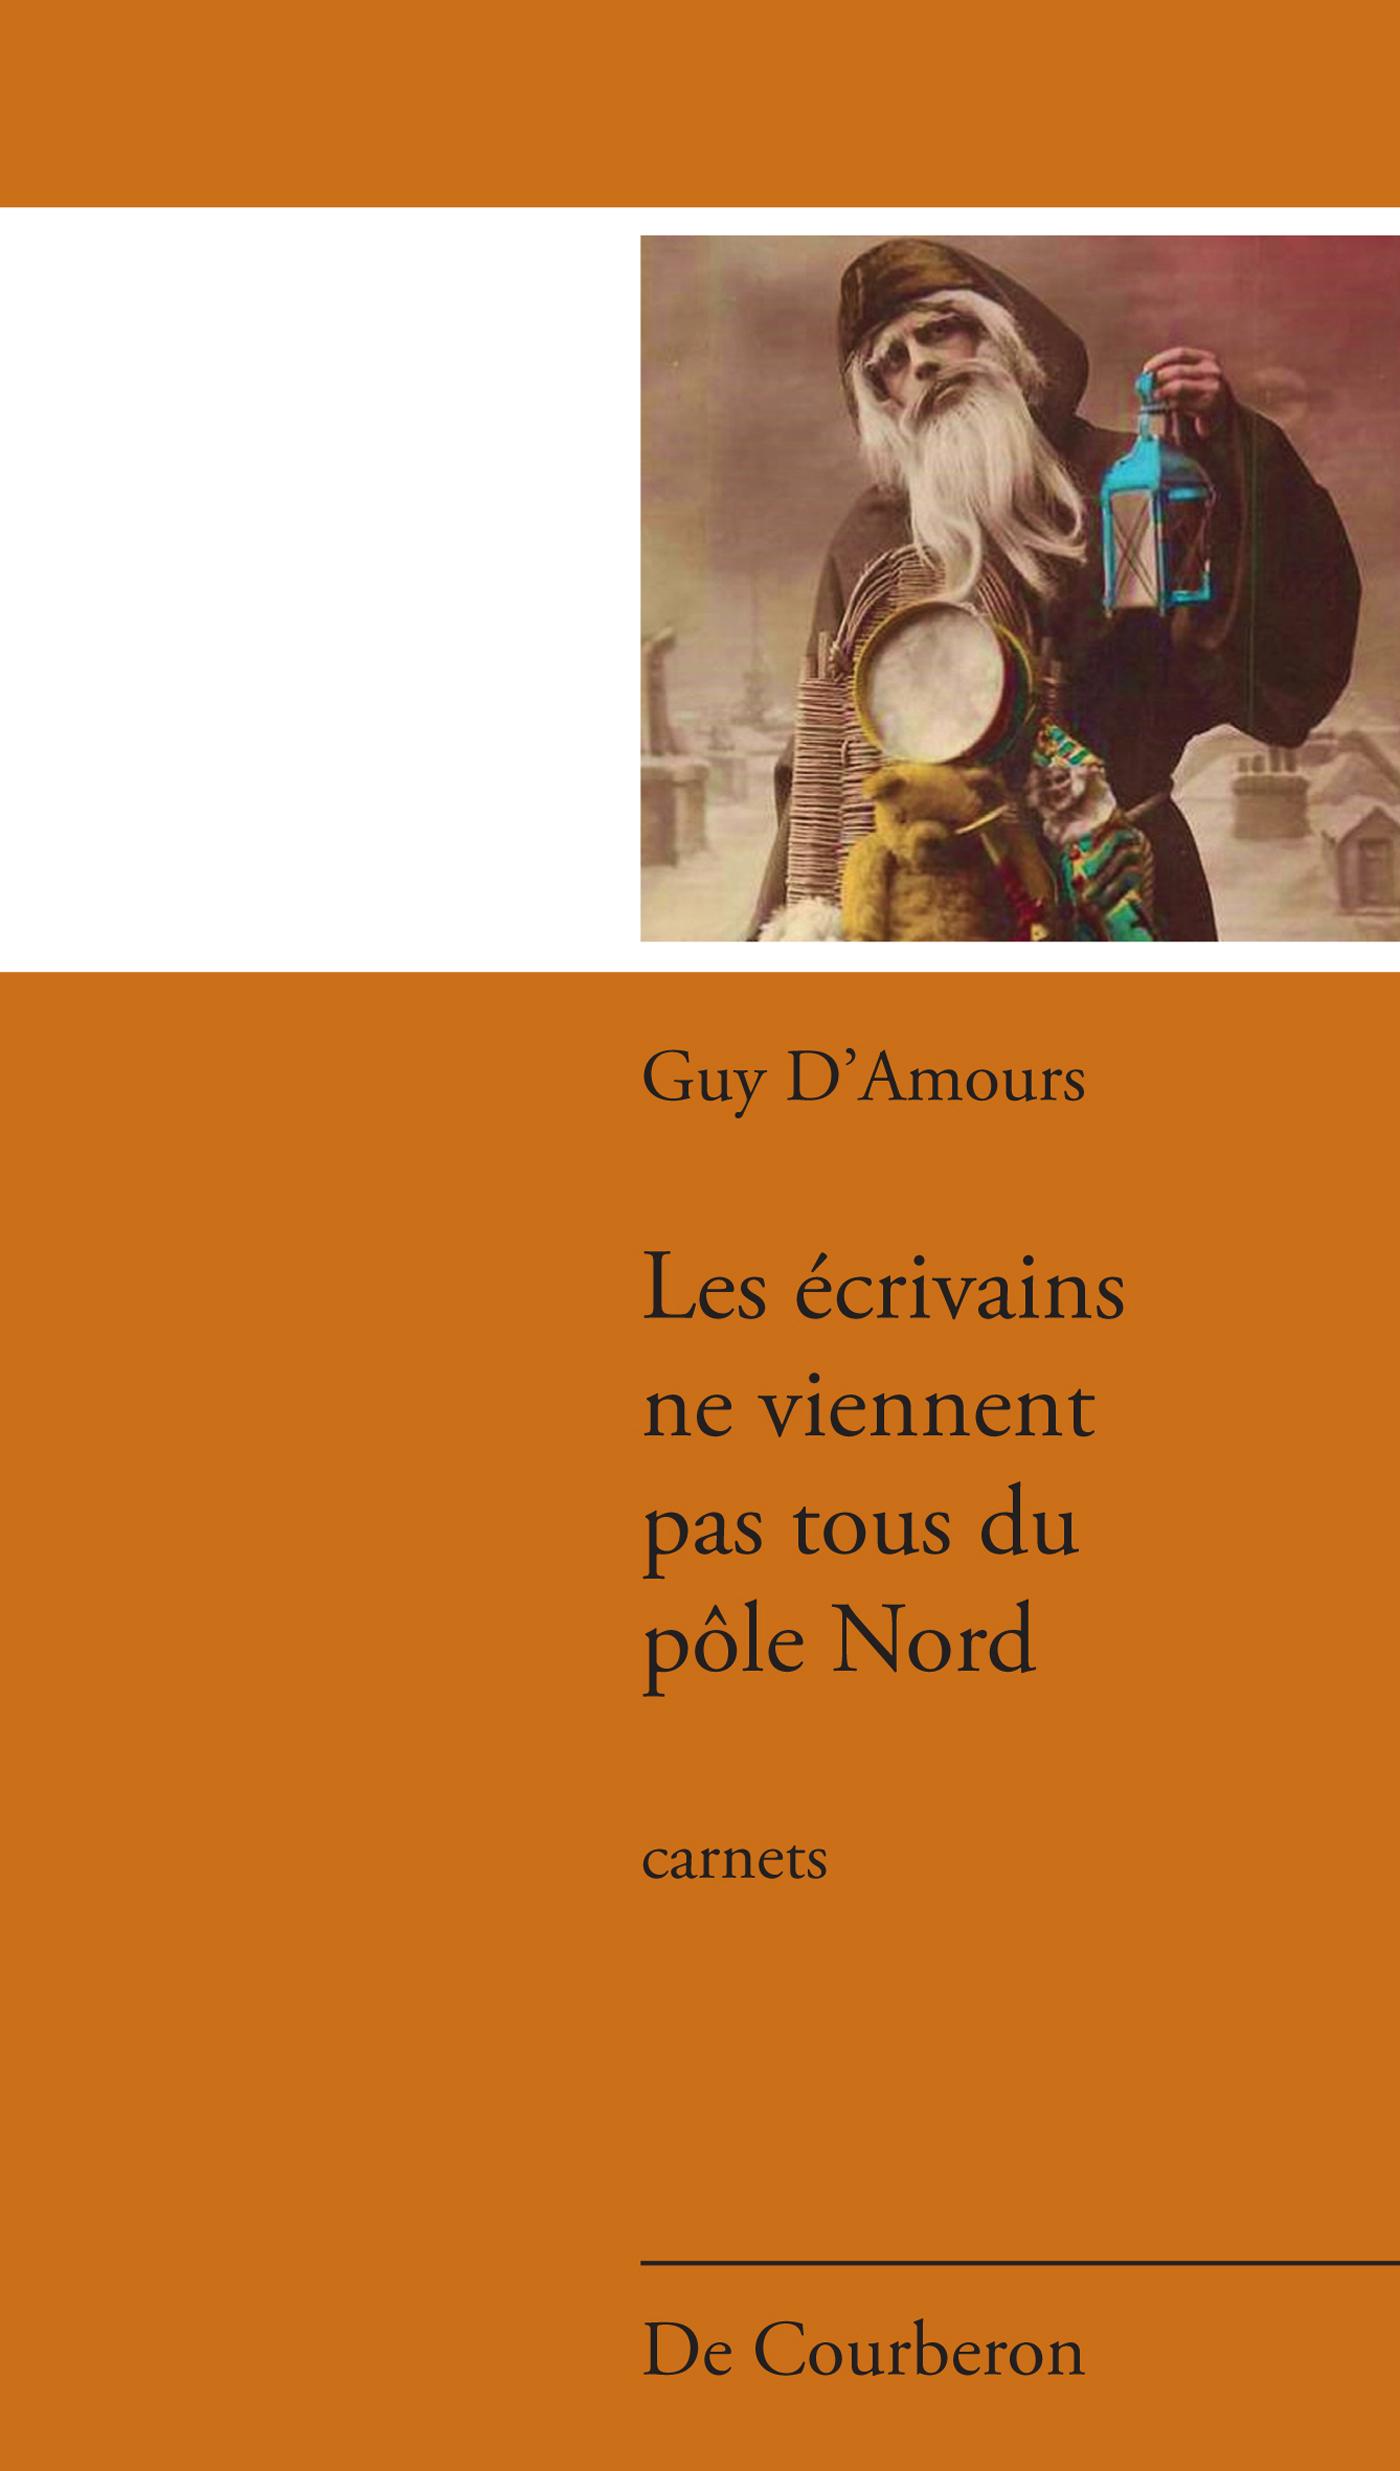 Les écrivains ne viennent pas tous du pôle Nord : carnets - Guy D'Amours